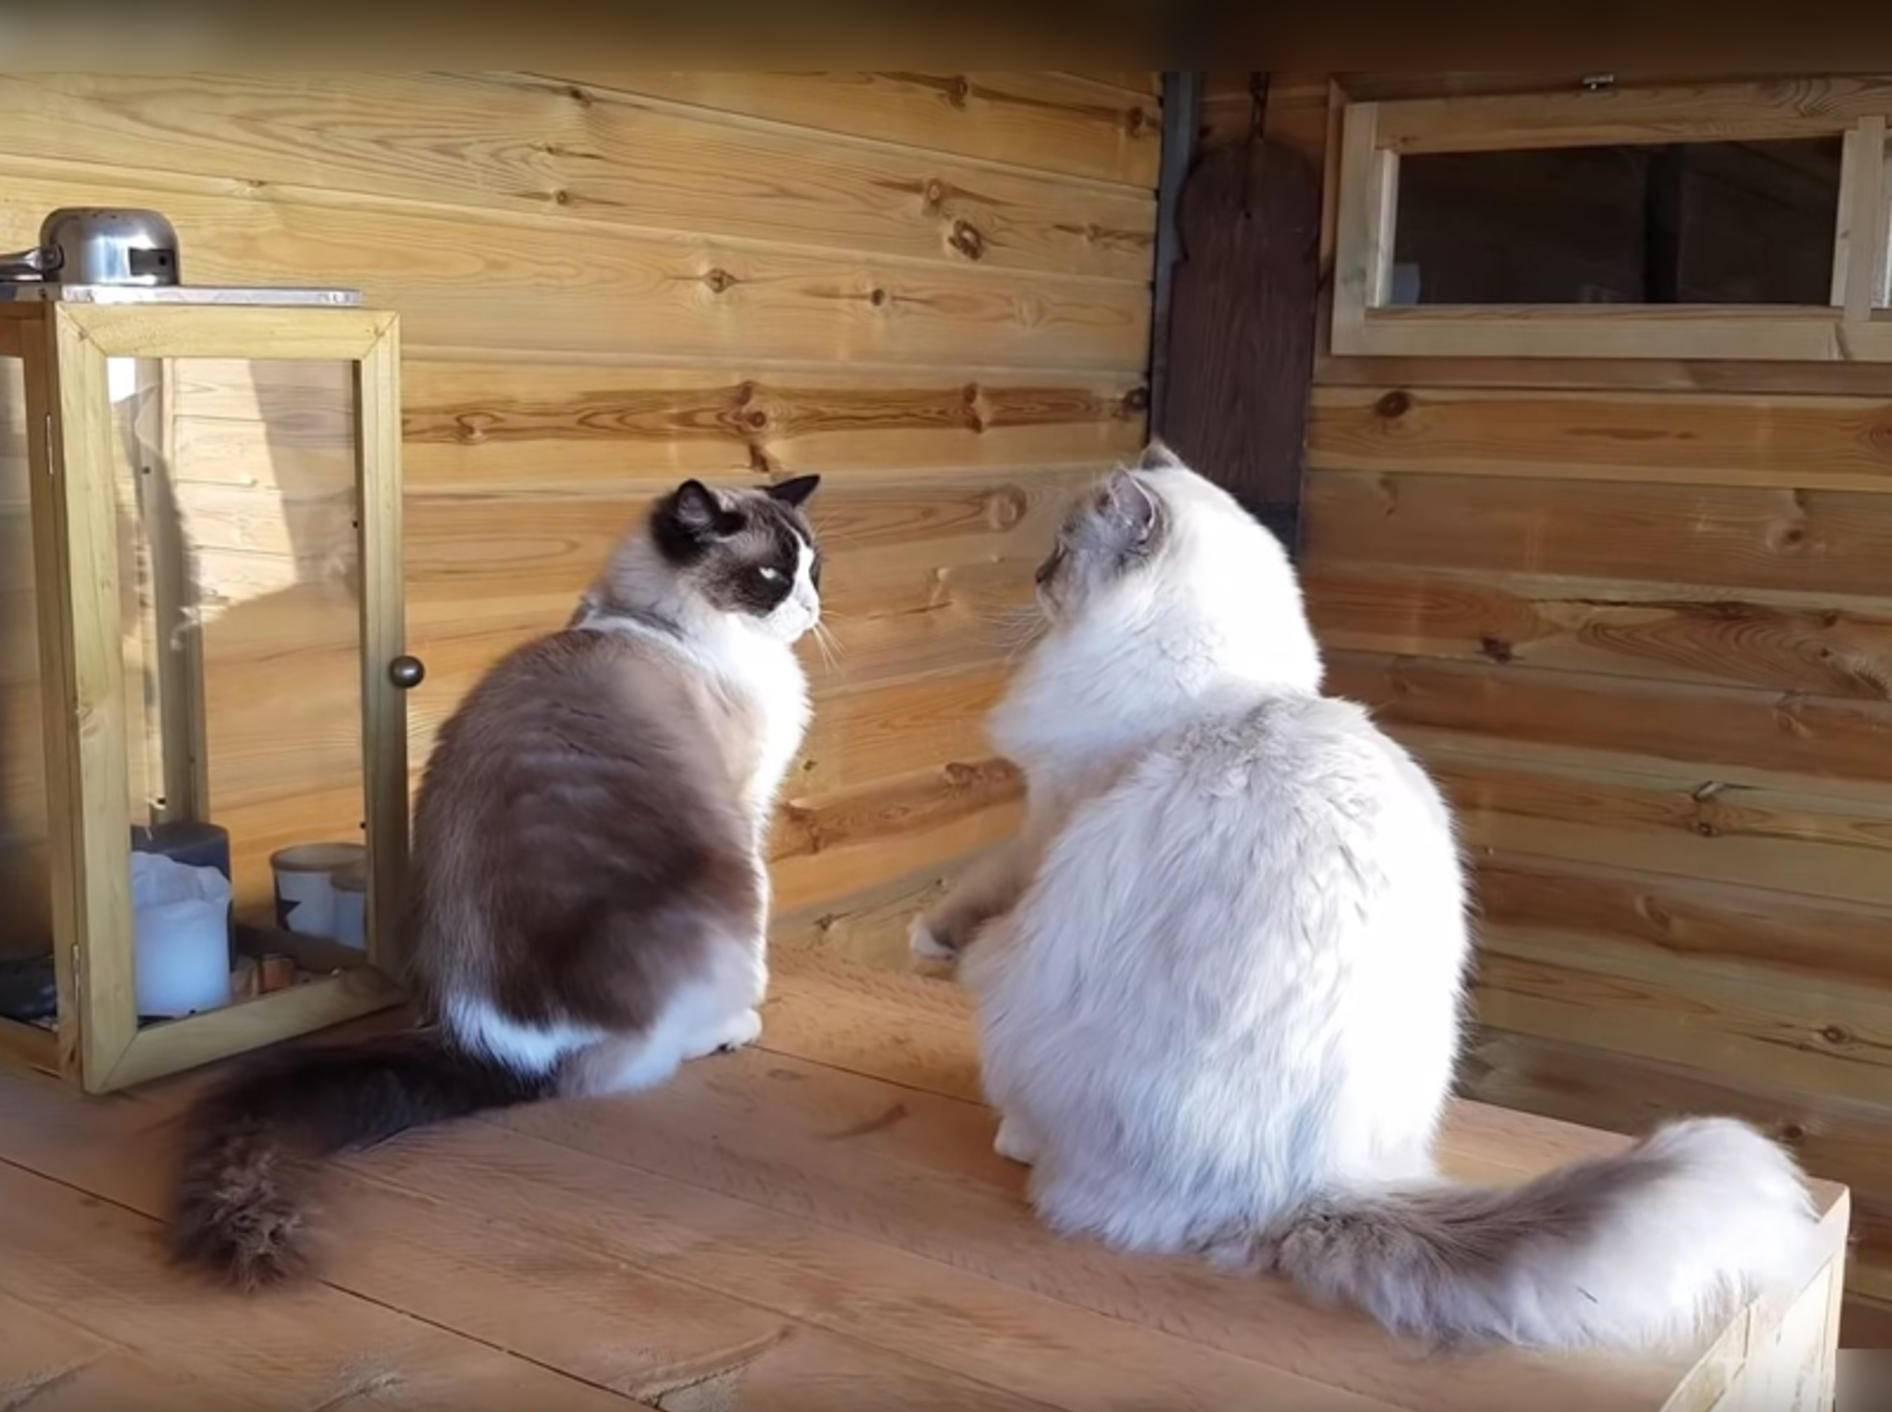 Ragdoll-Kater Timo und Toby liefern sich plüschiges Flausch-Duell – YouTube / Xiedubbel